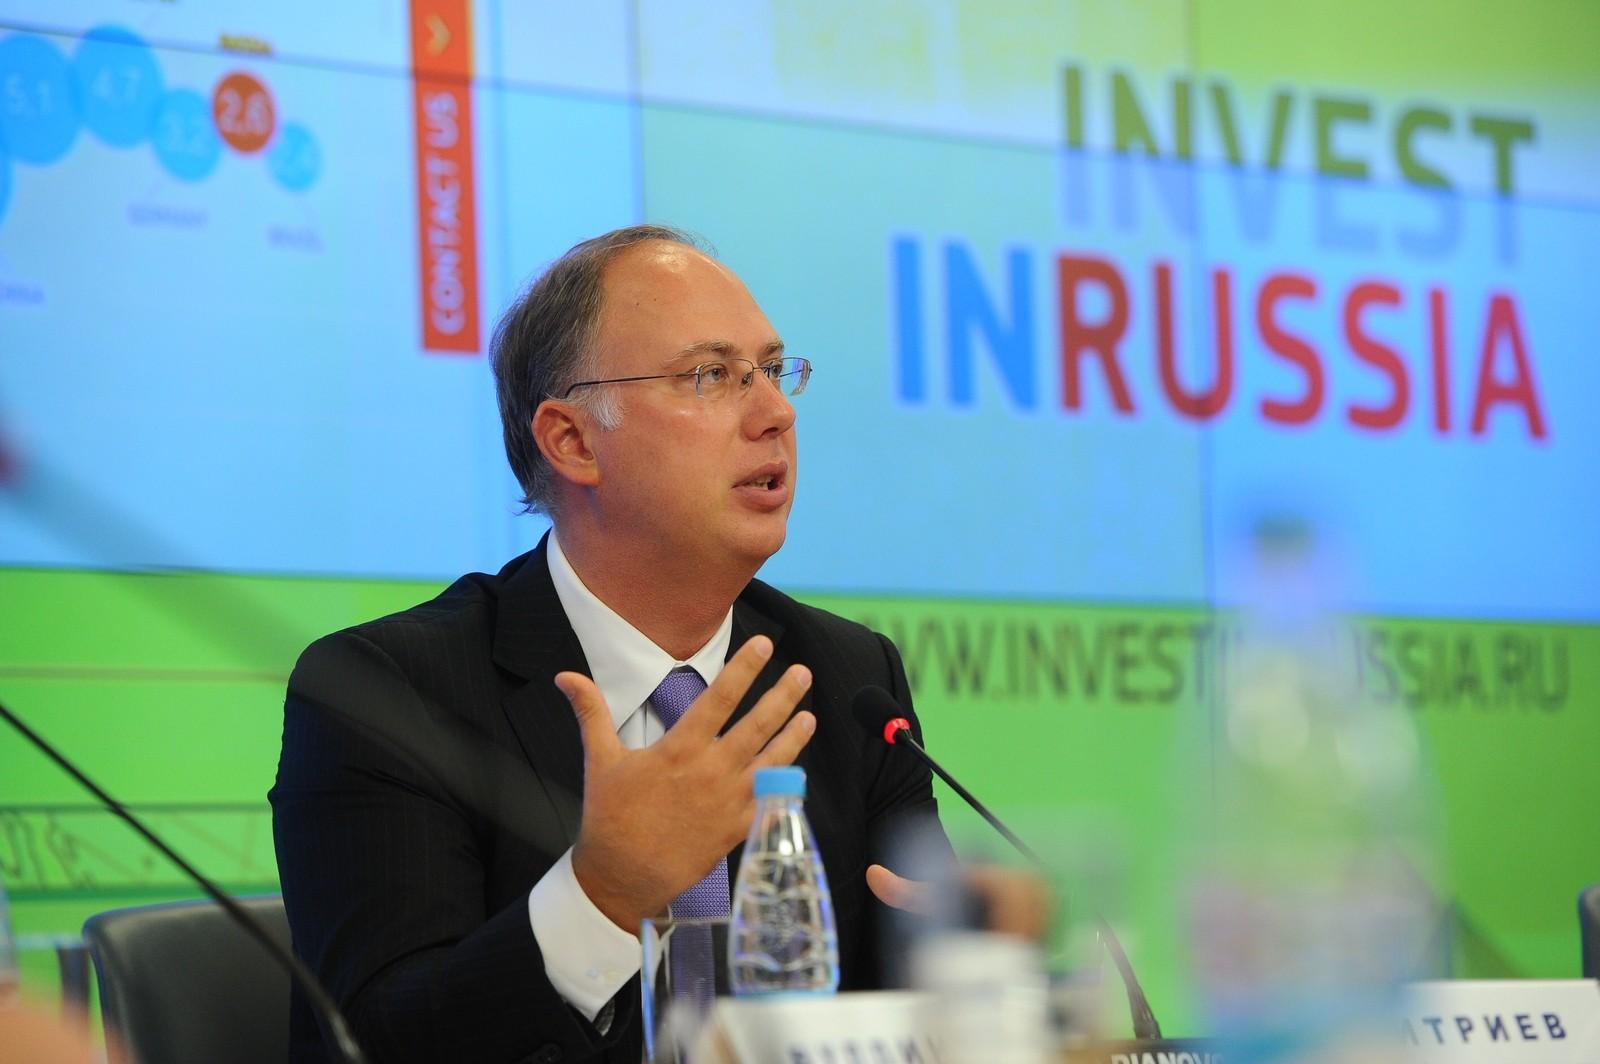 Акции «Башнефти» поднялись вцене на 8% после новостей оприватизации